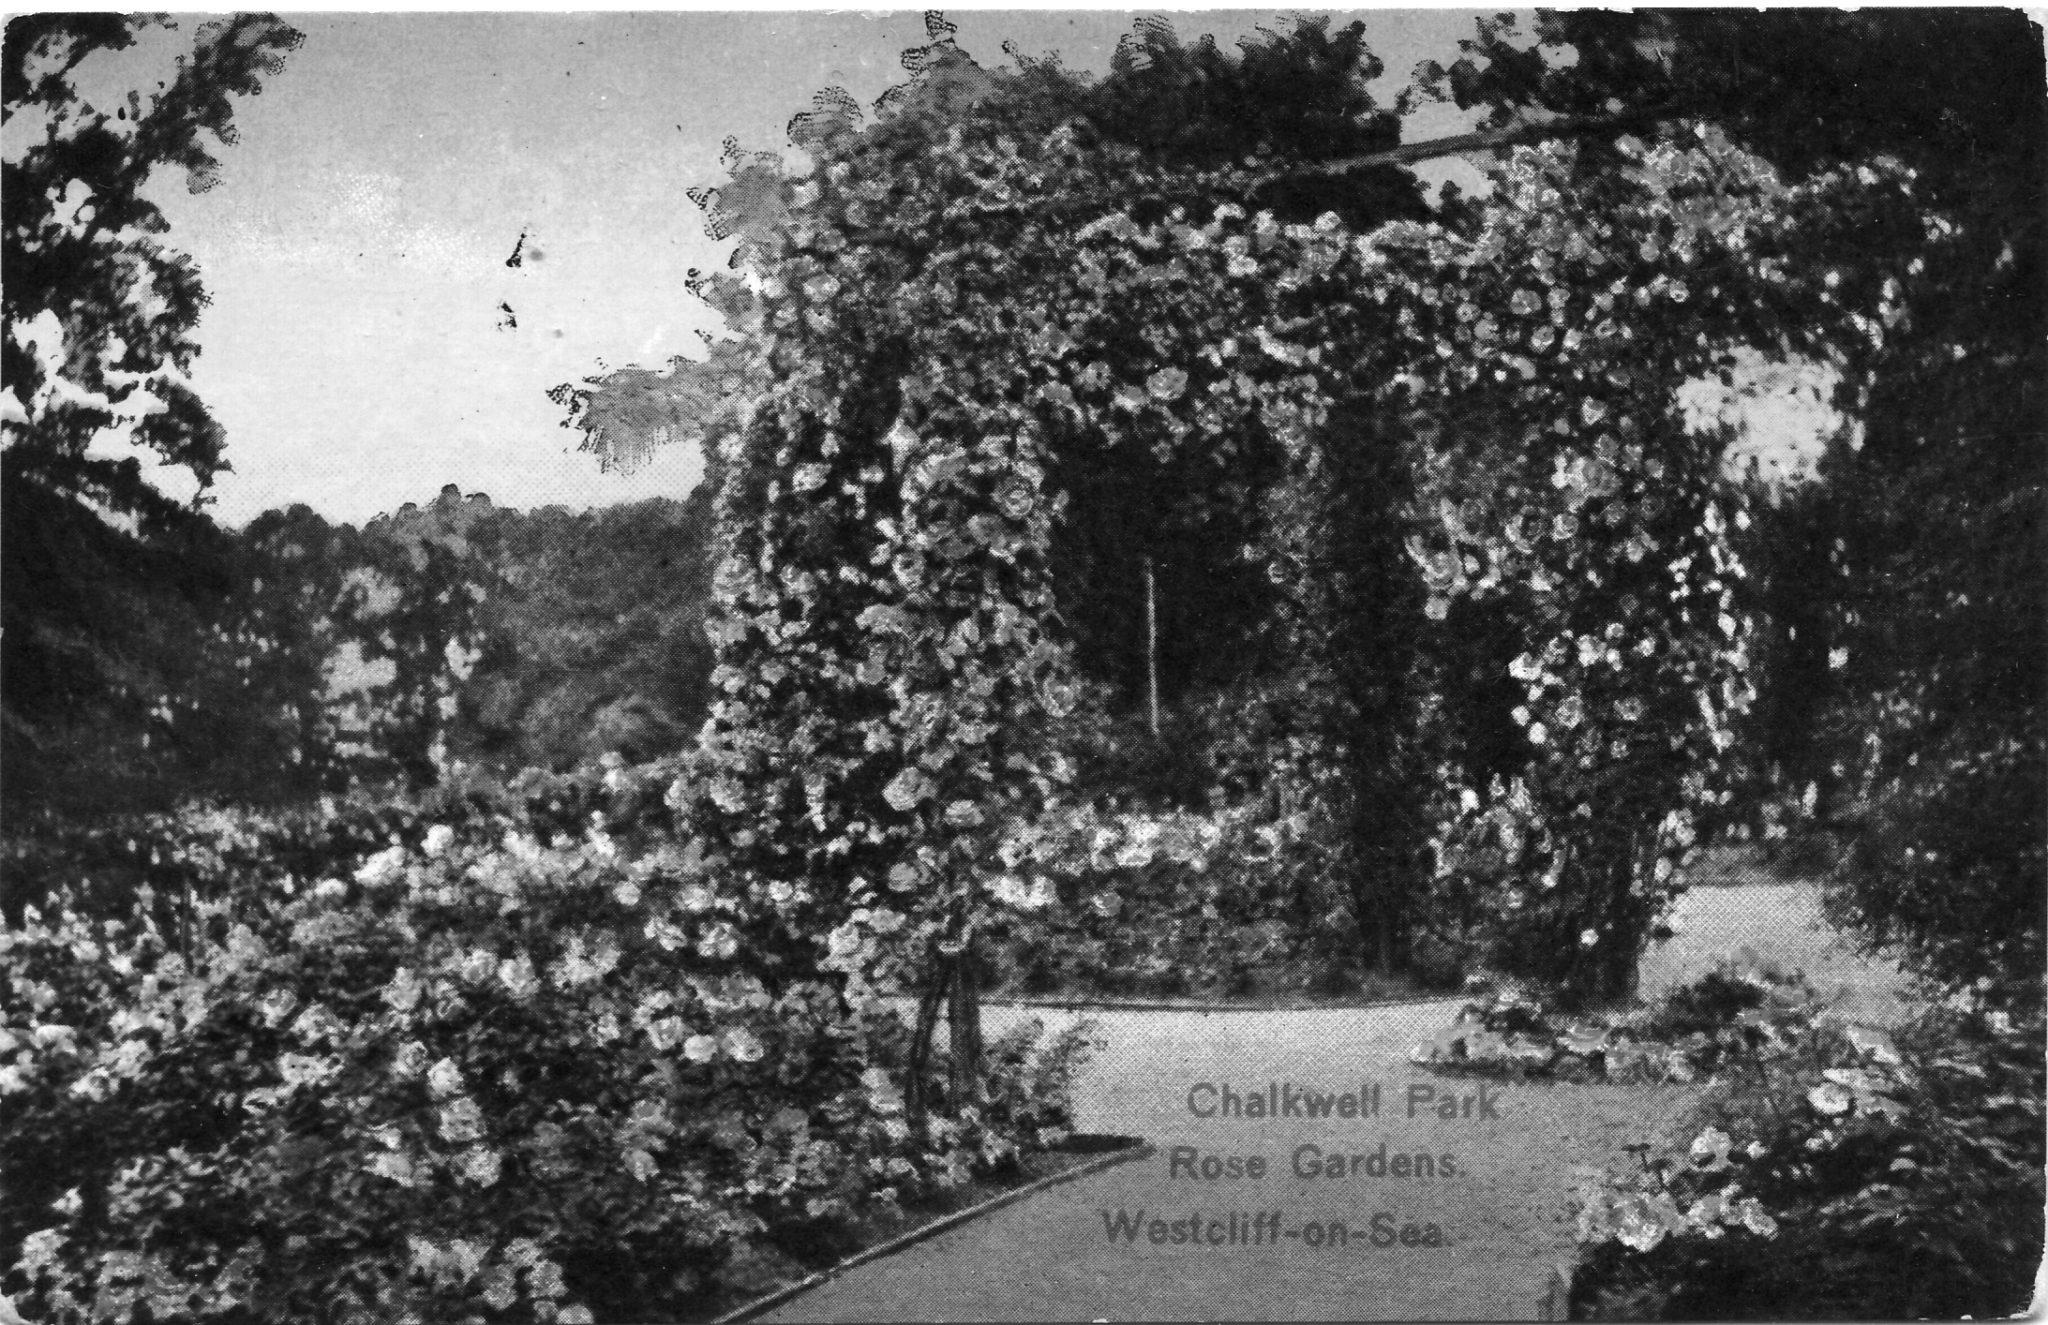 rosegardens.jpg